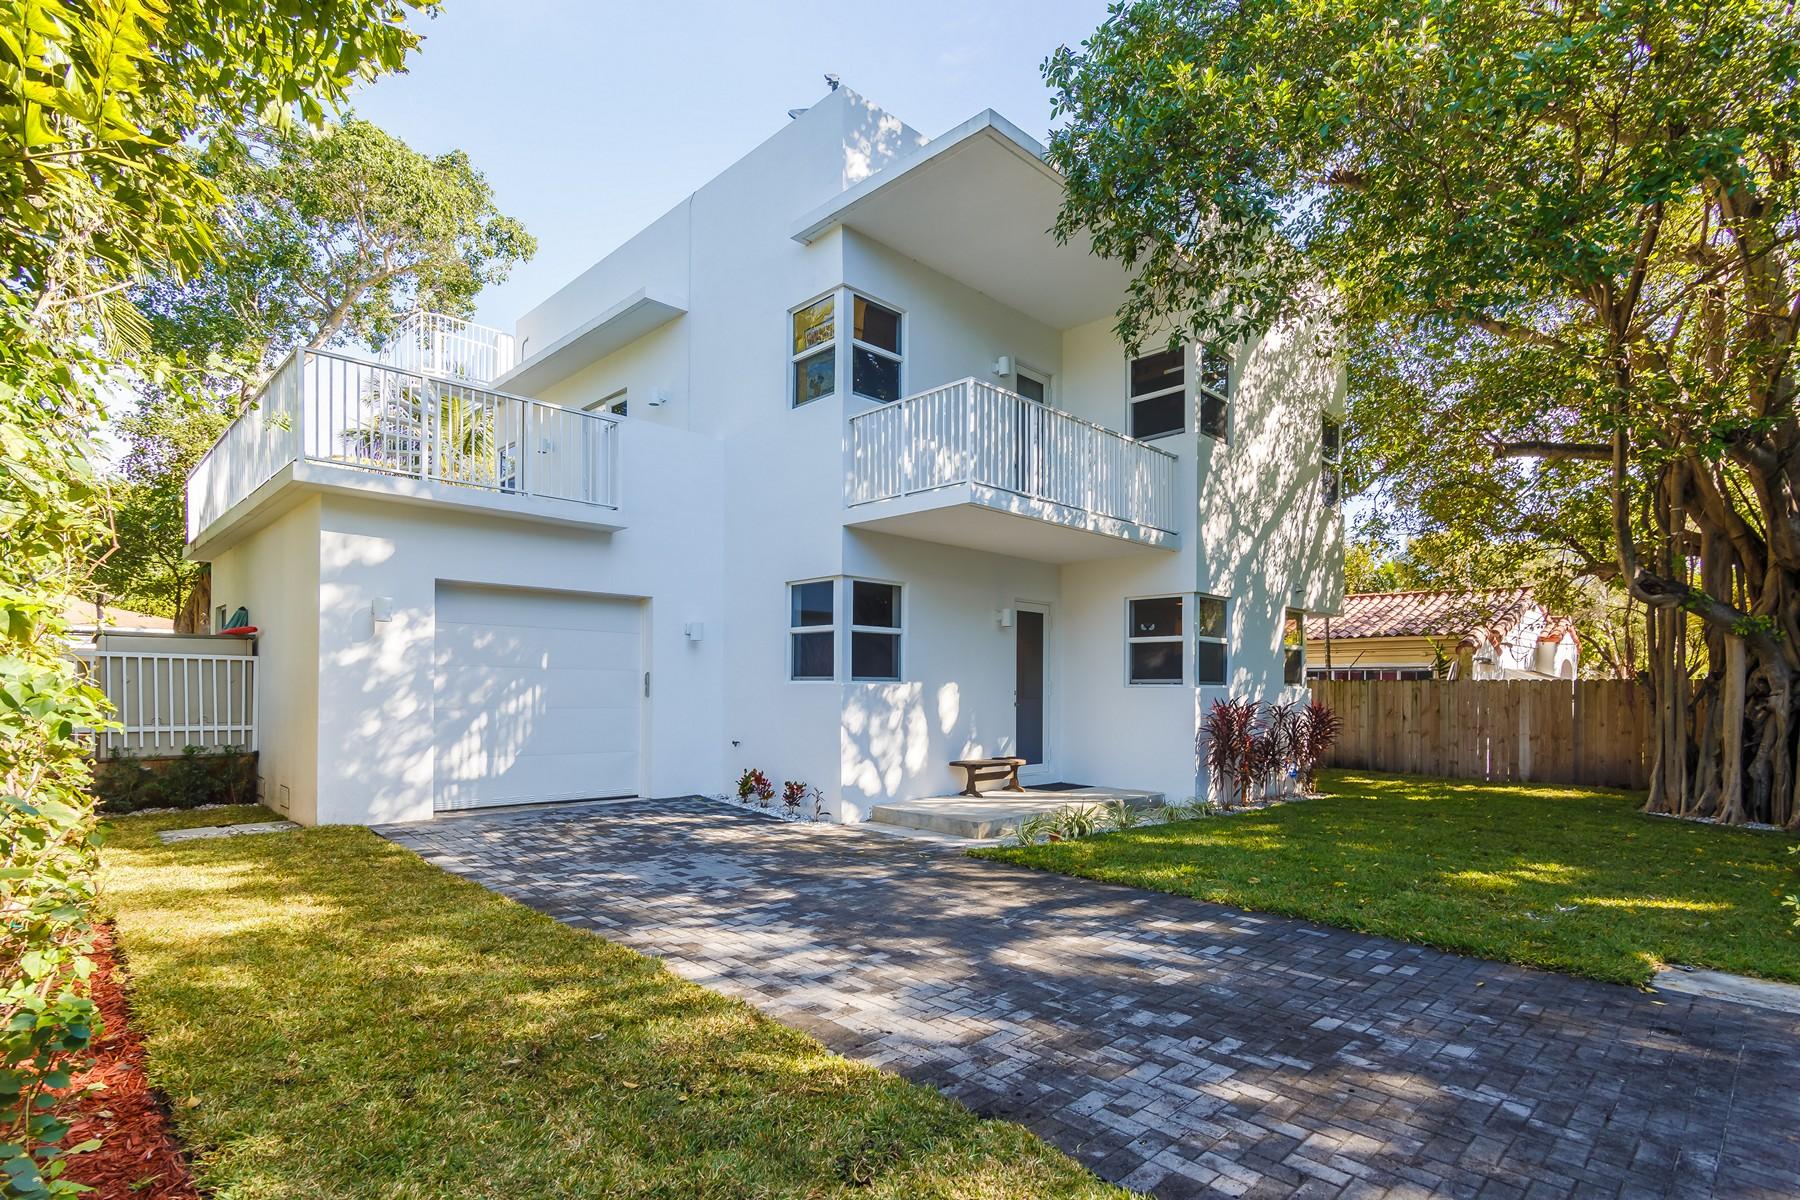 Einfamilienhaus für Verkauf beim 795 NE 70 Street 795 Ne 70th St Miami, Florida, 33138 Vereinigte Staaten